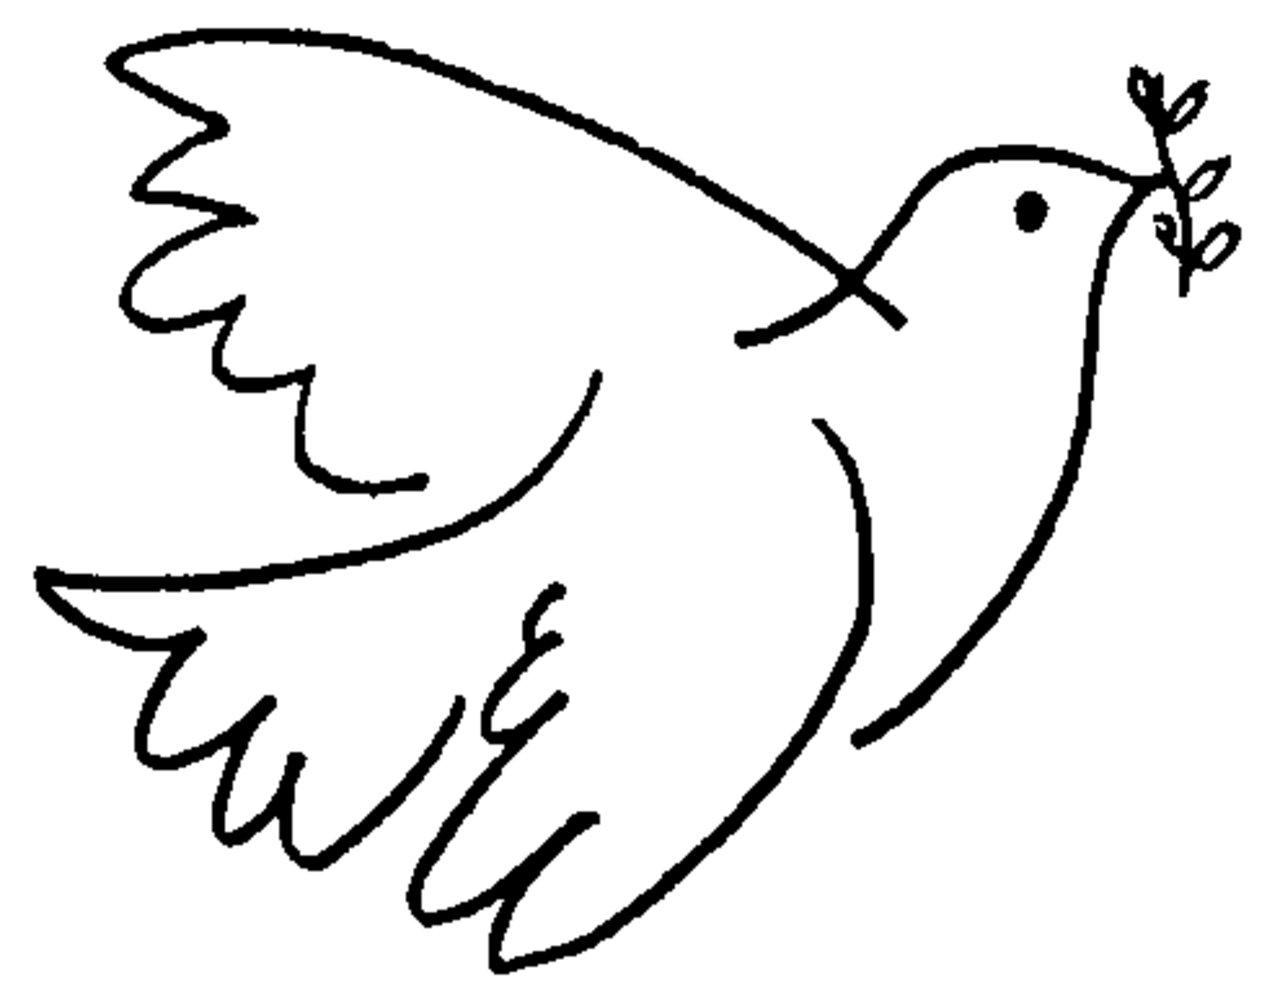 Conmemoran El Día De Los Derechos Humanos Alrededor Del